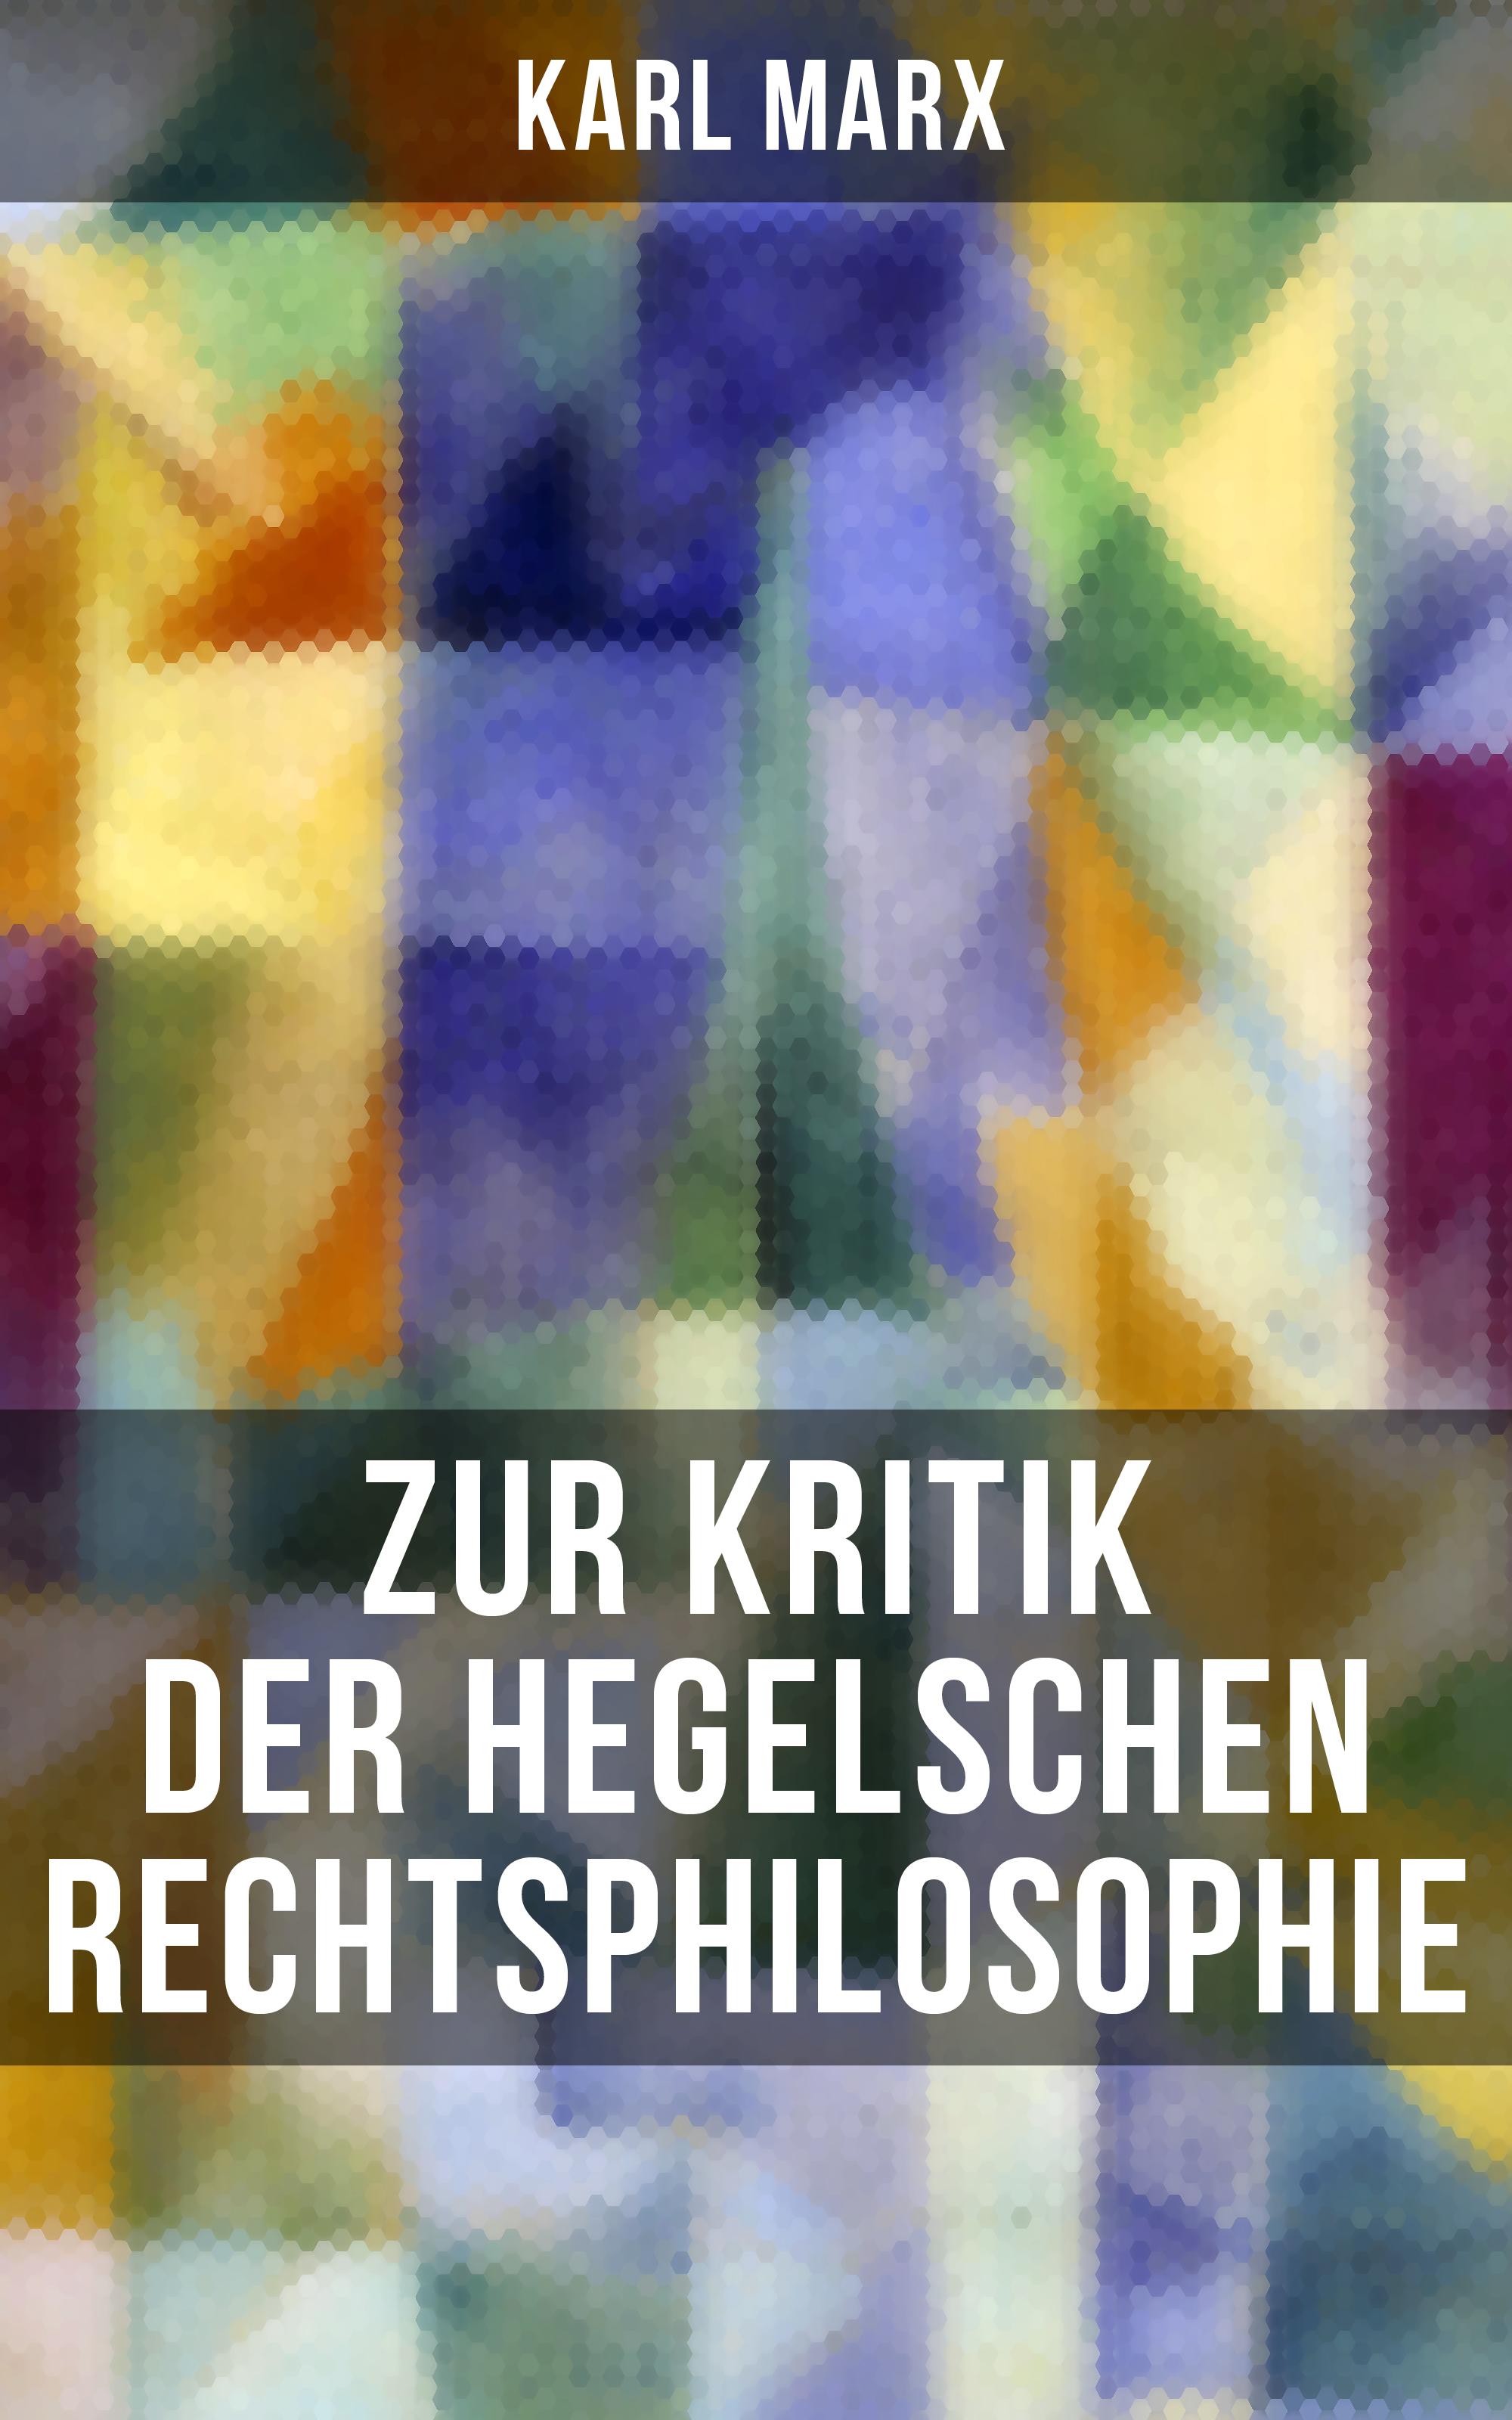 Karl Marx Karl Marx: Zur Kritik der Hegelschen Rechtsphilosophie